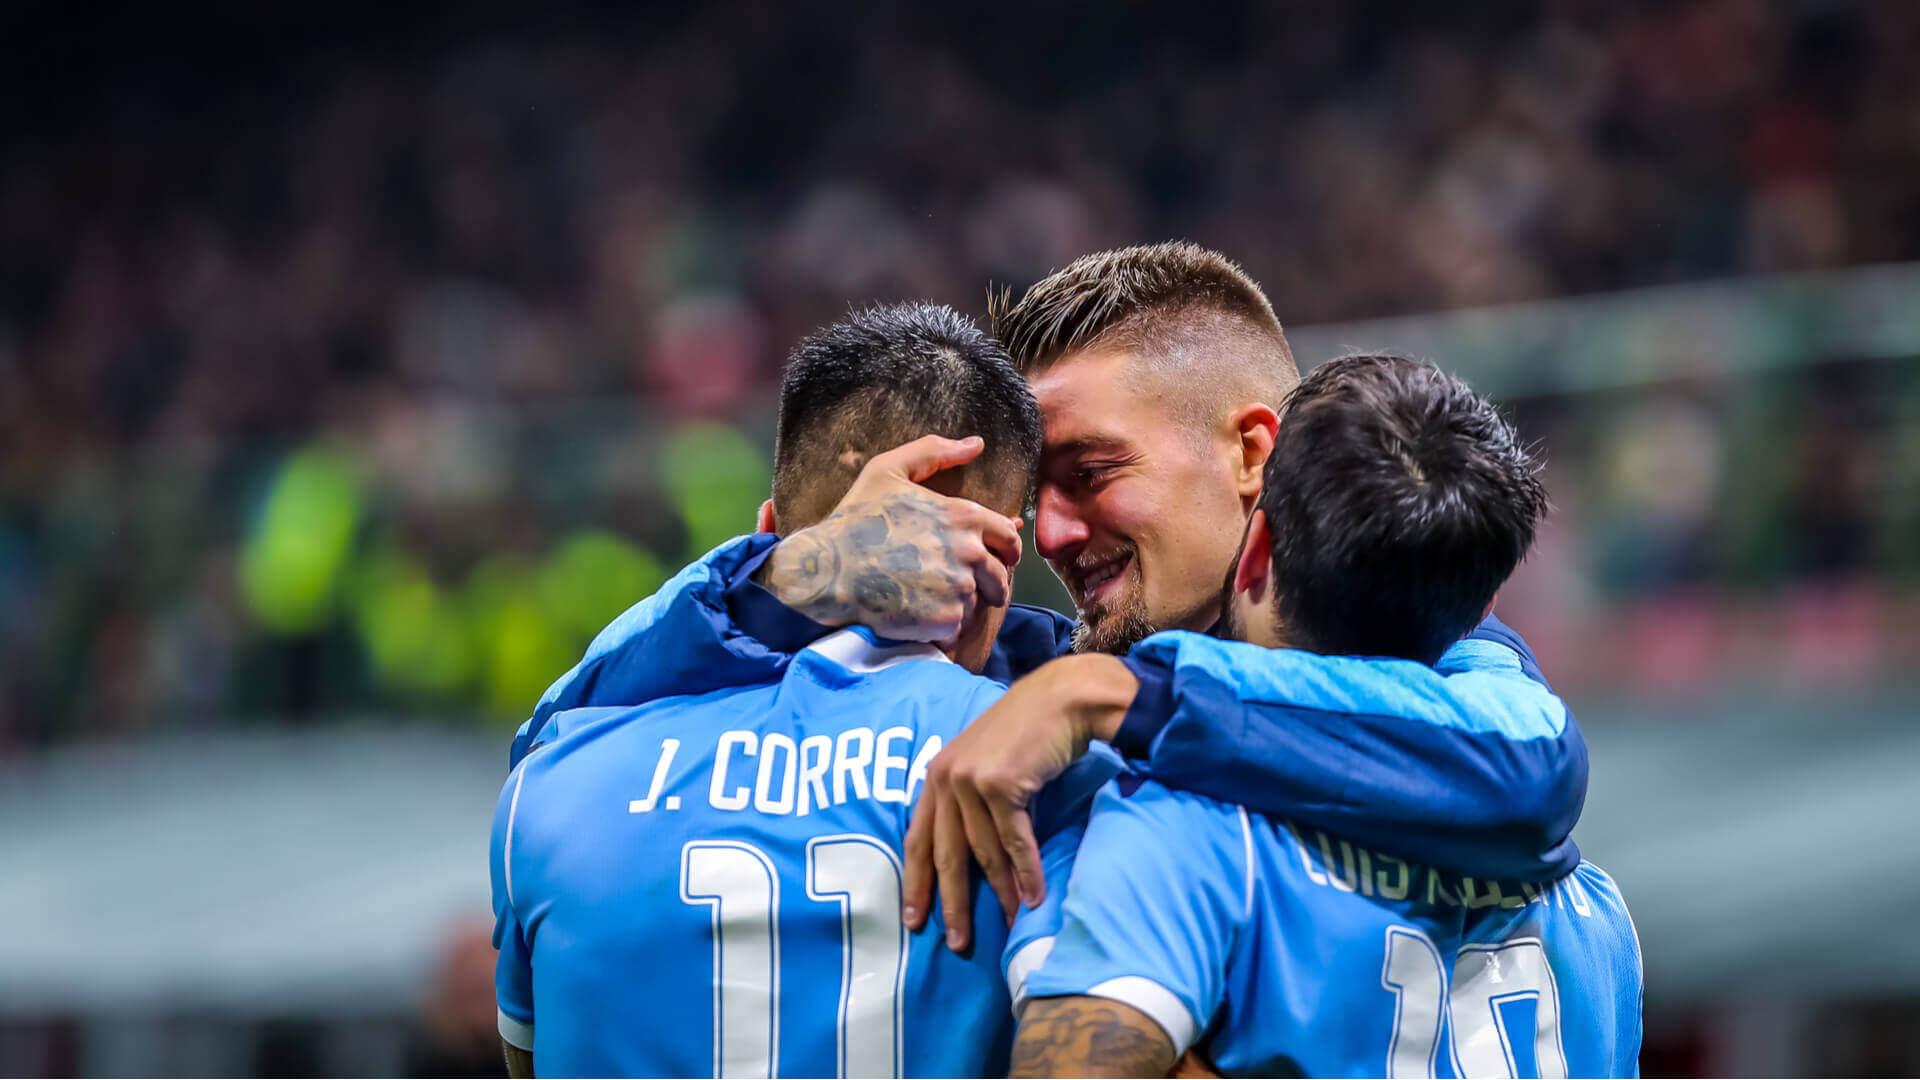 Correa, Milinković-Savić, Luis Alberto